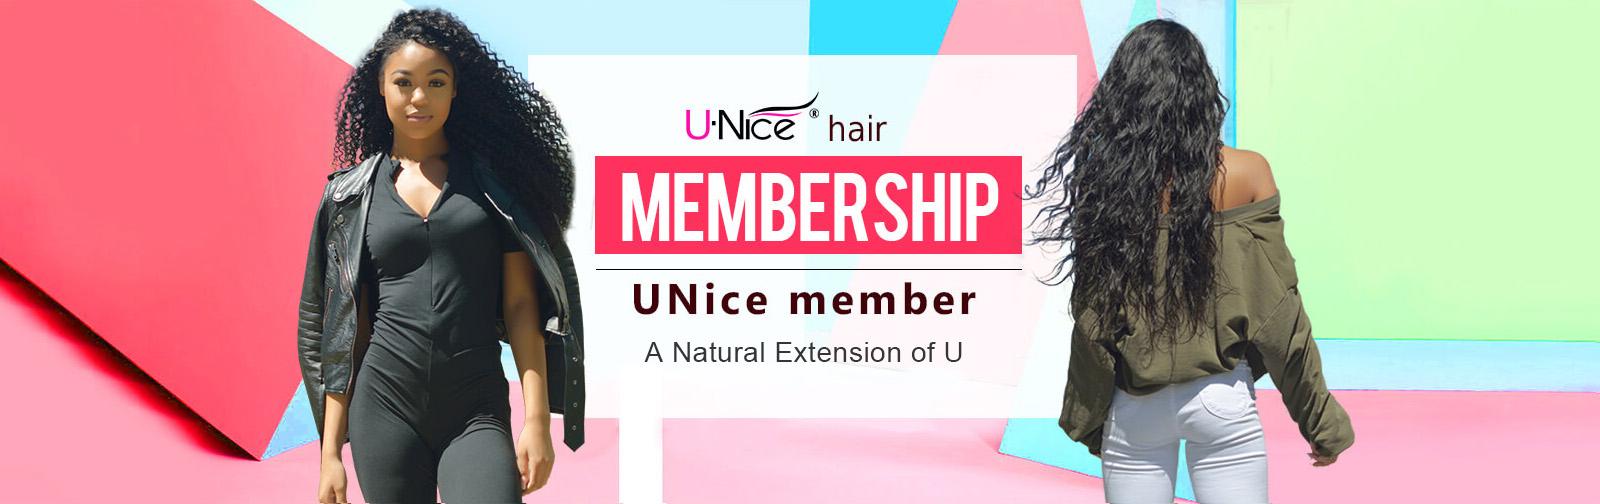 UNice Hair Membership